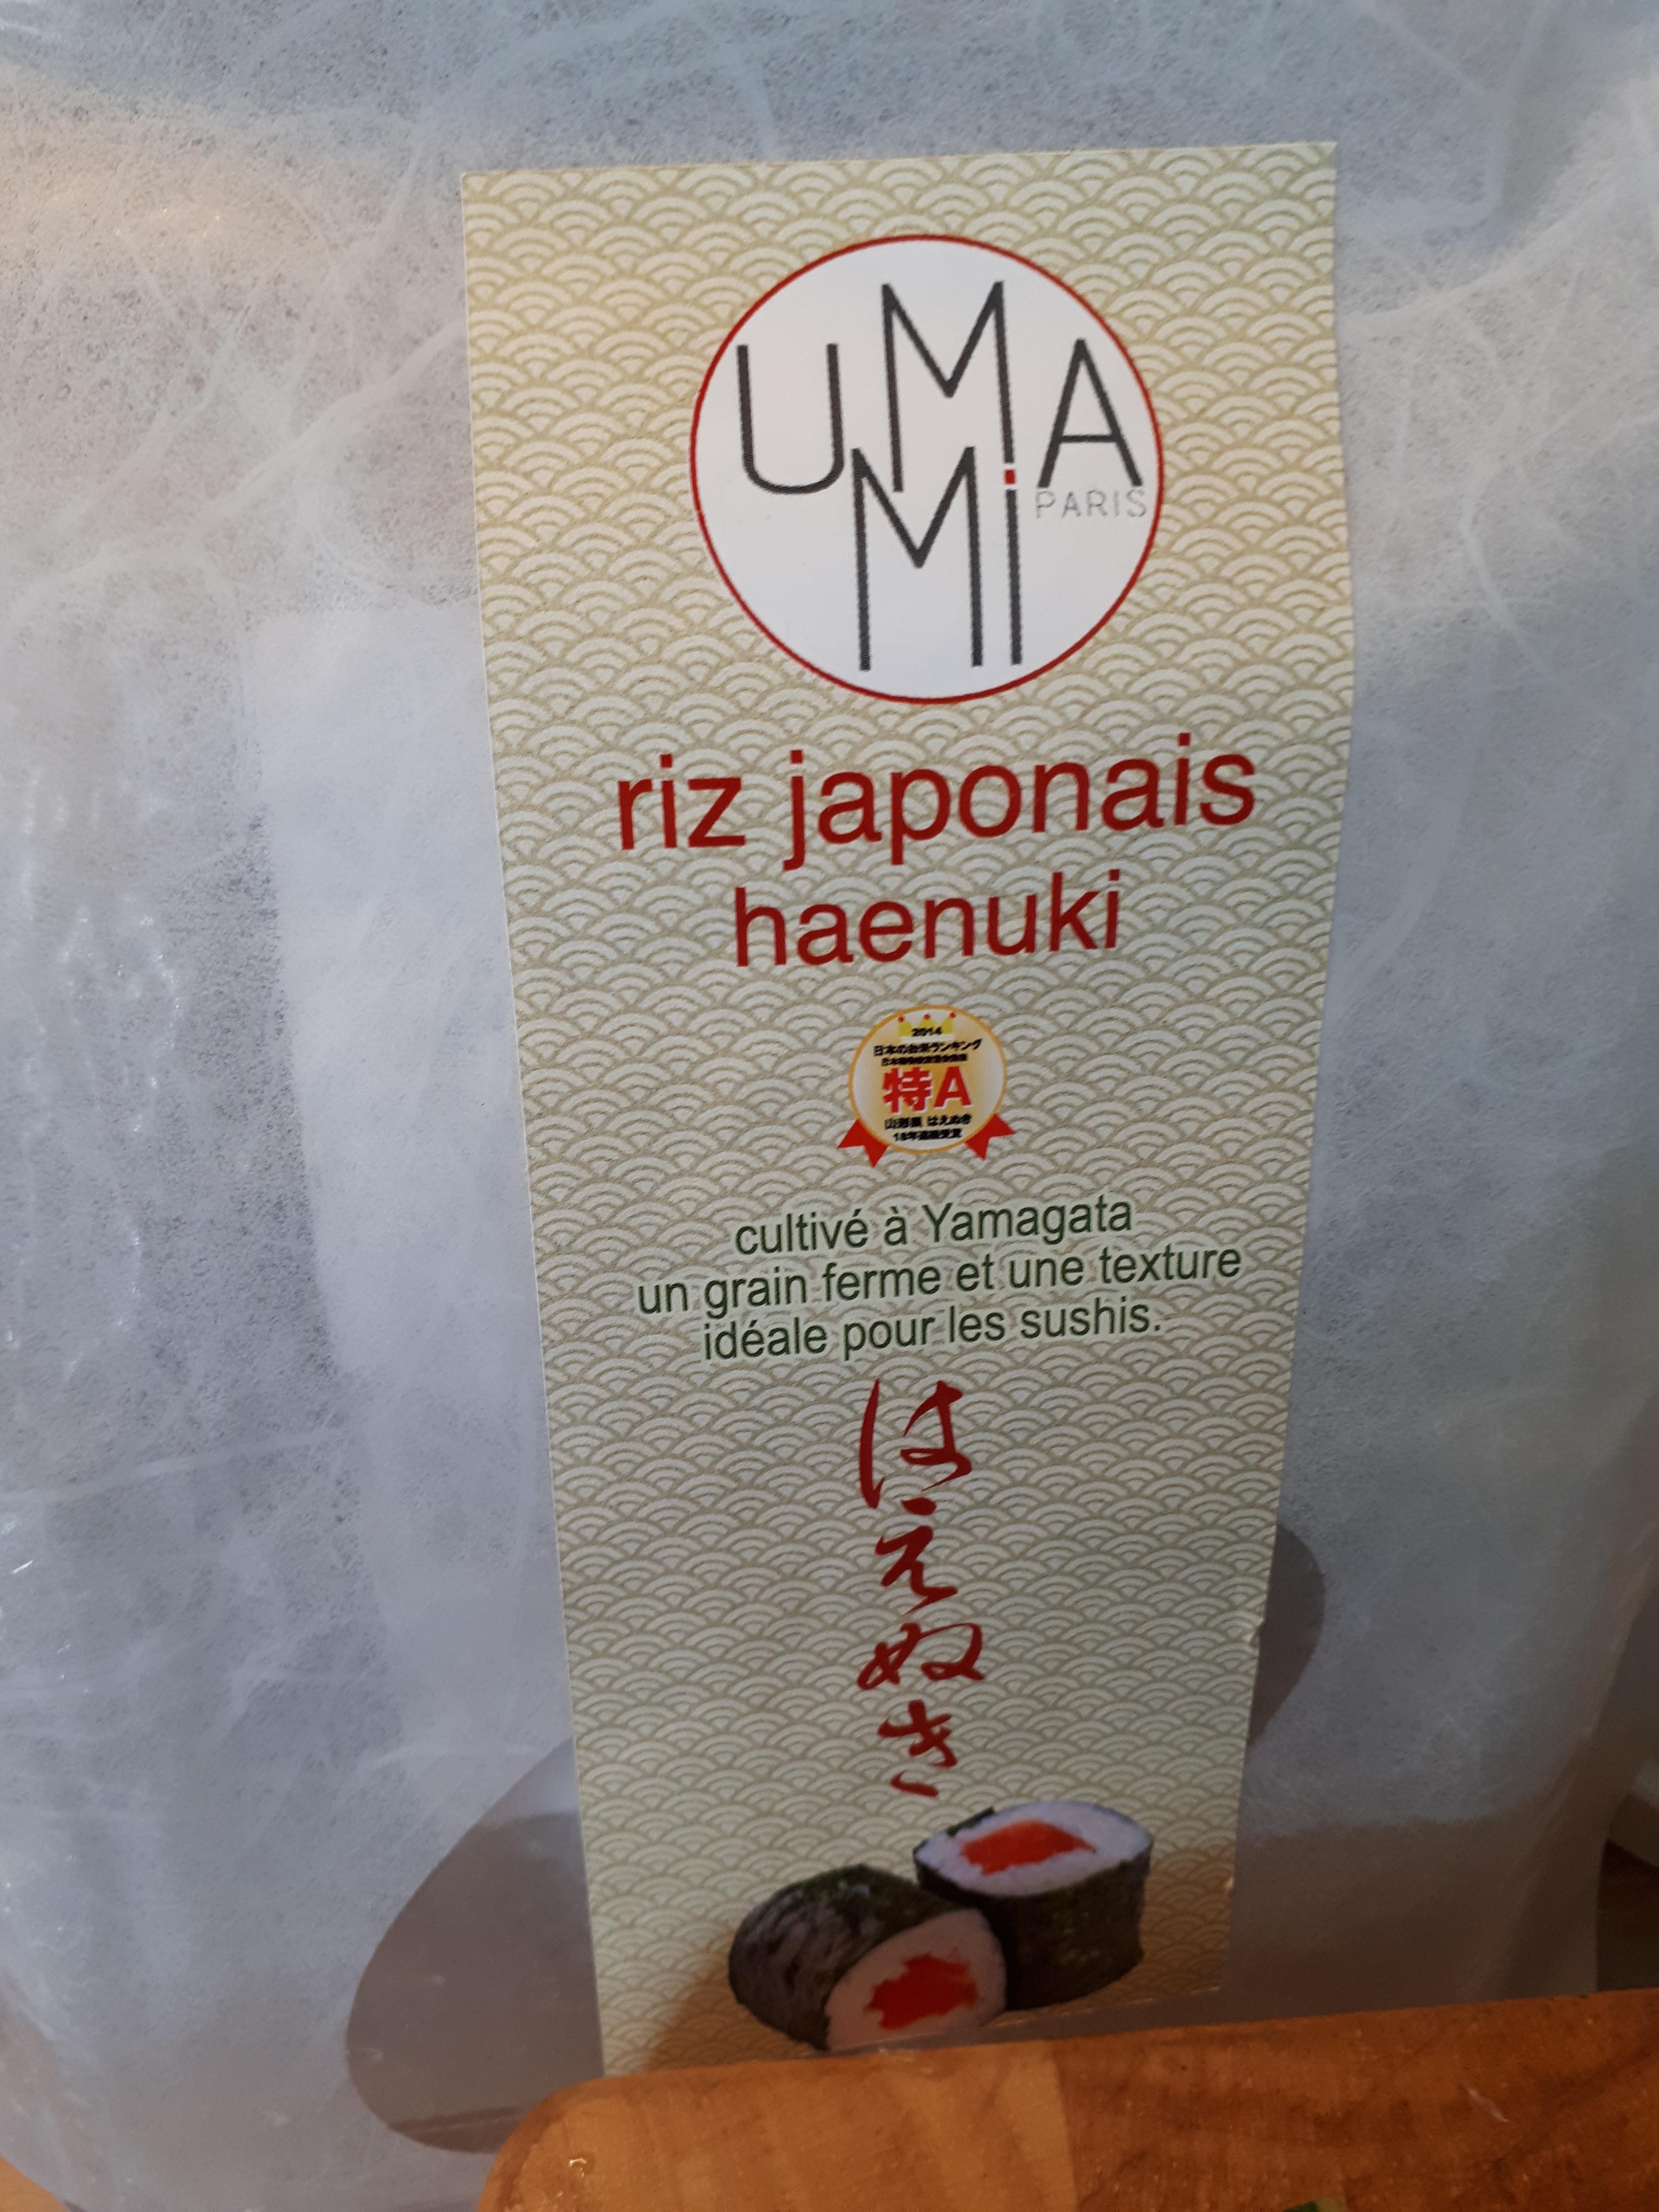 Riz a sushis Haenuki